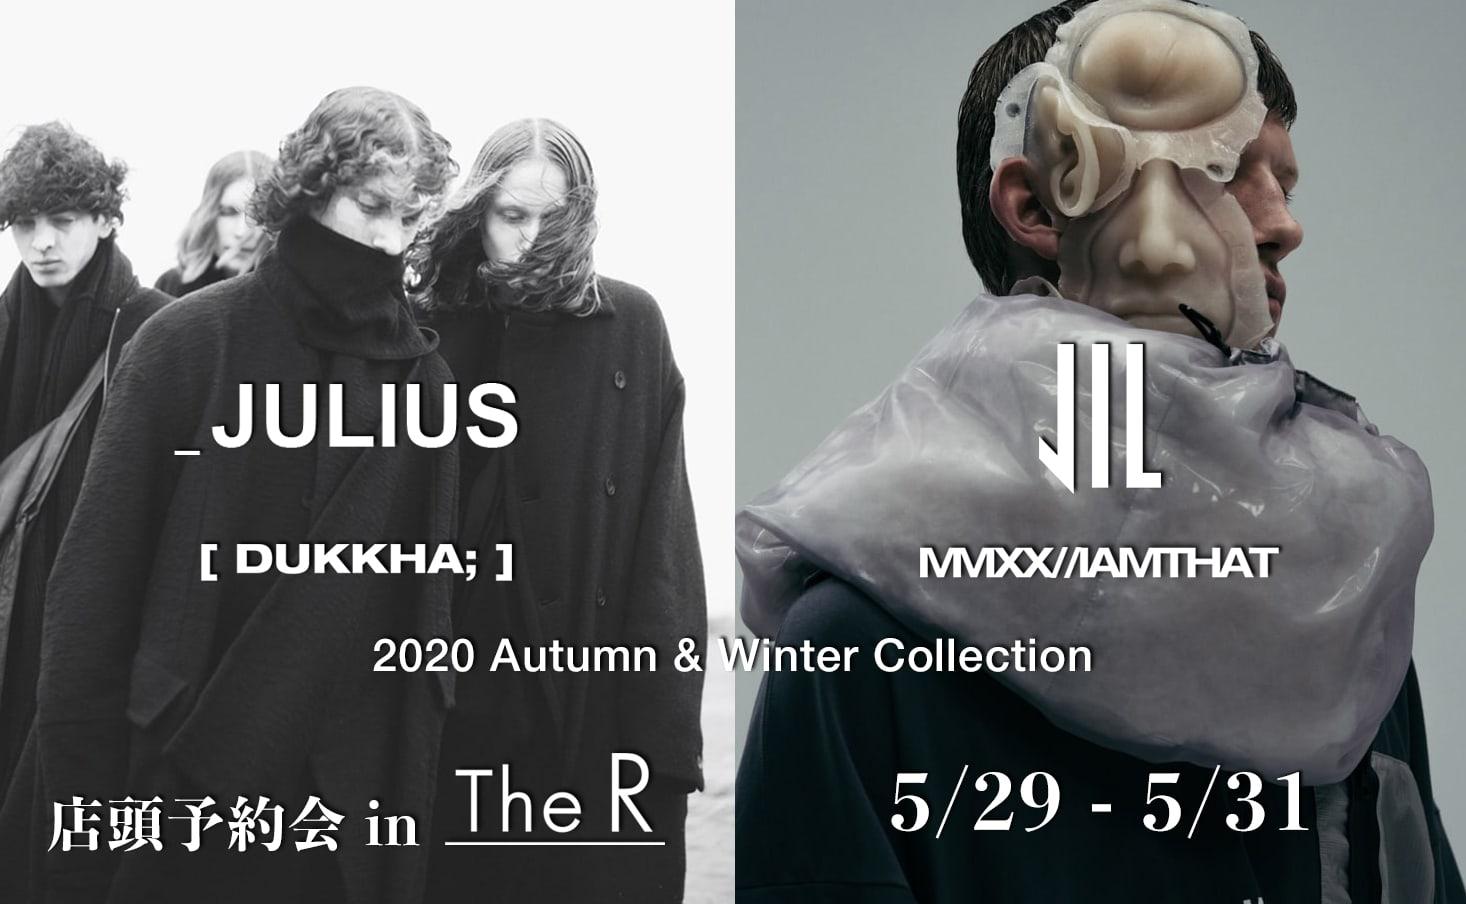 ユリウス & ニルズ 20AW 予約会 / JULIUS &  NILøS 20AW